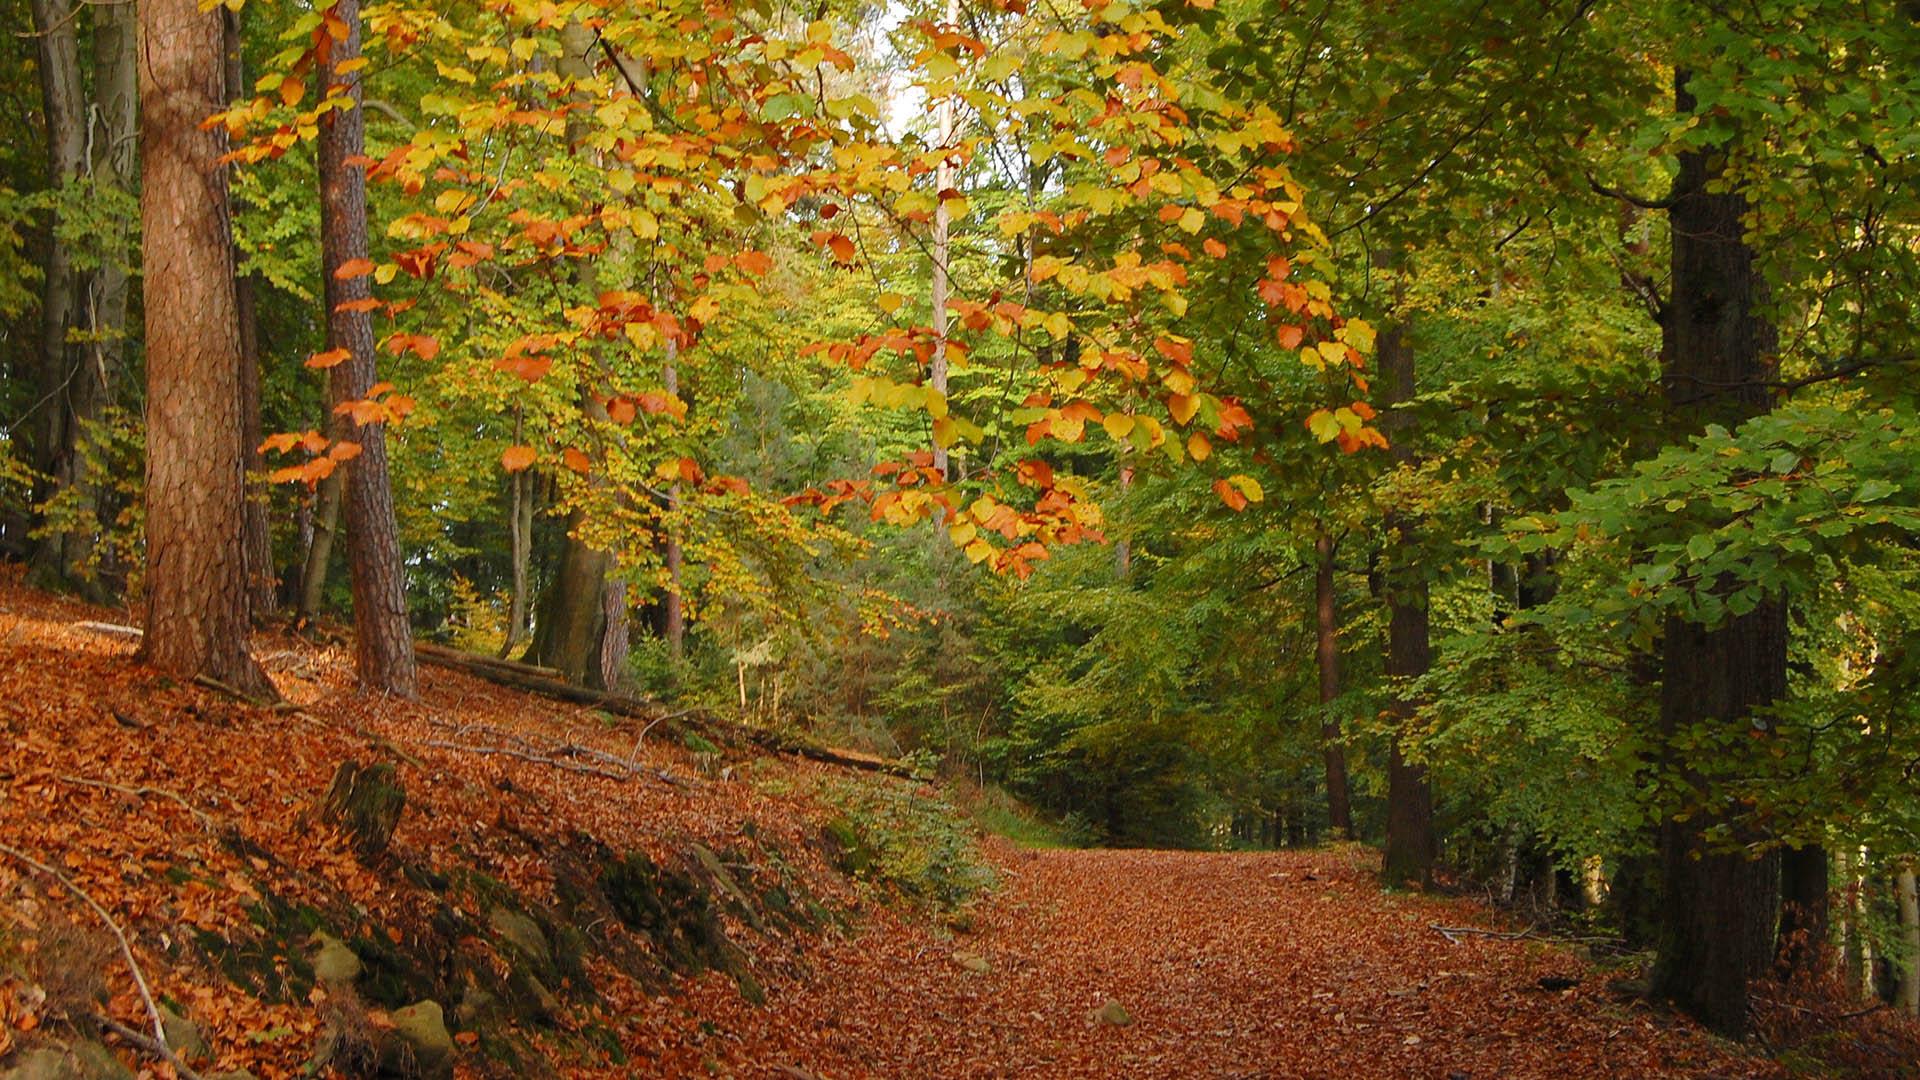 Картинка осенний лес - d